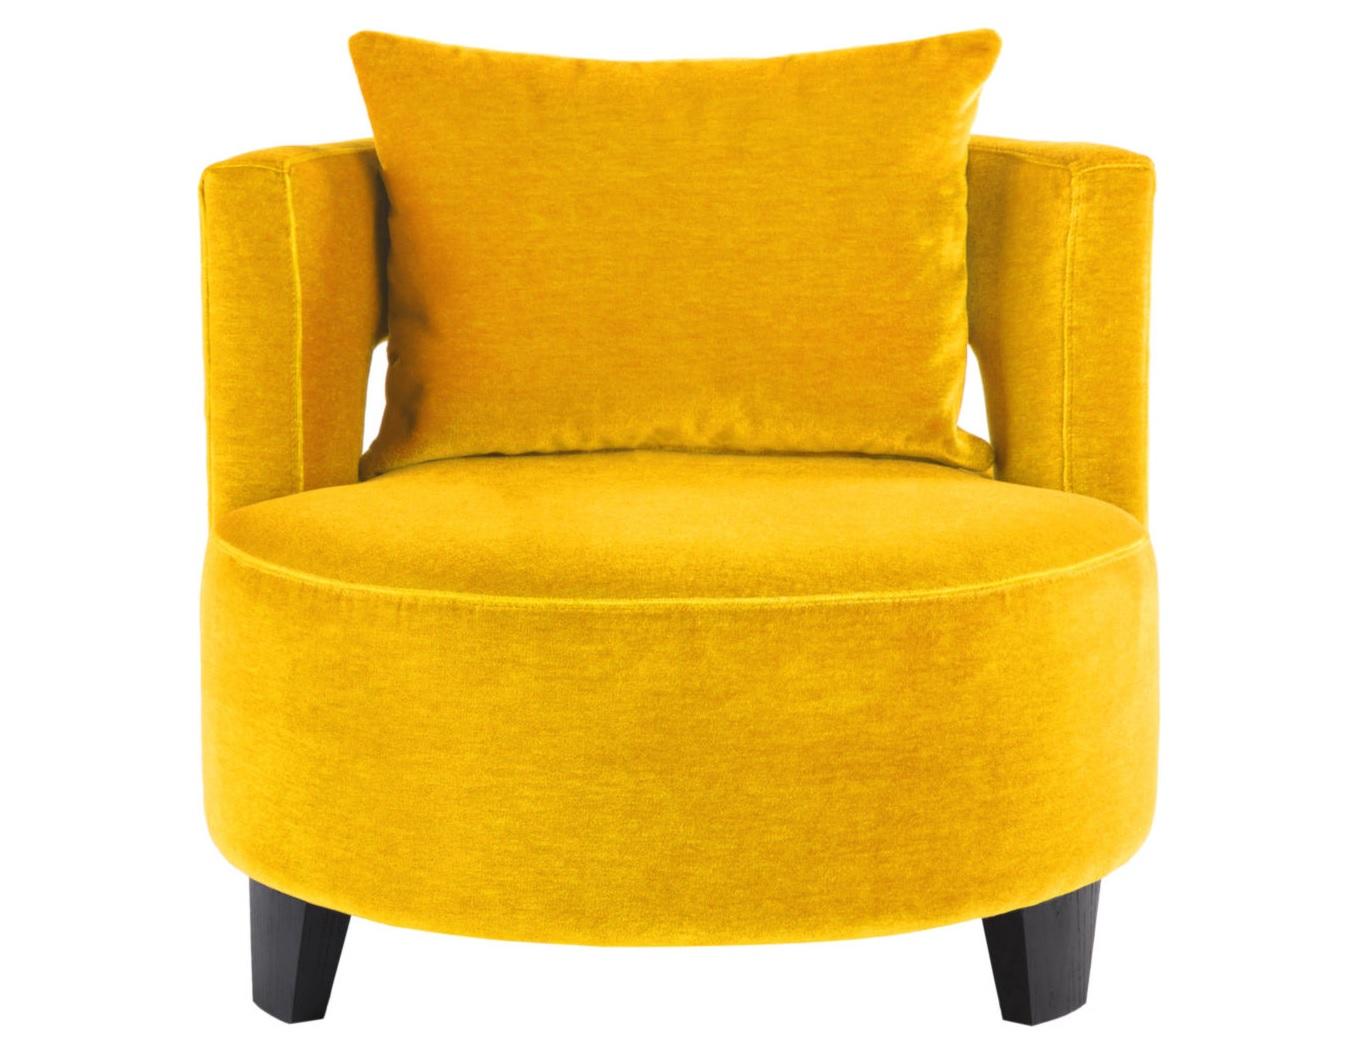 Кресло KorinИнтерьерные кресла<br><br><br>Material: Текстиль<br>Ширина см: 80<br>Высота см: 66<br>Глубина см: 80